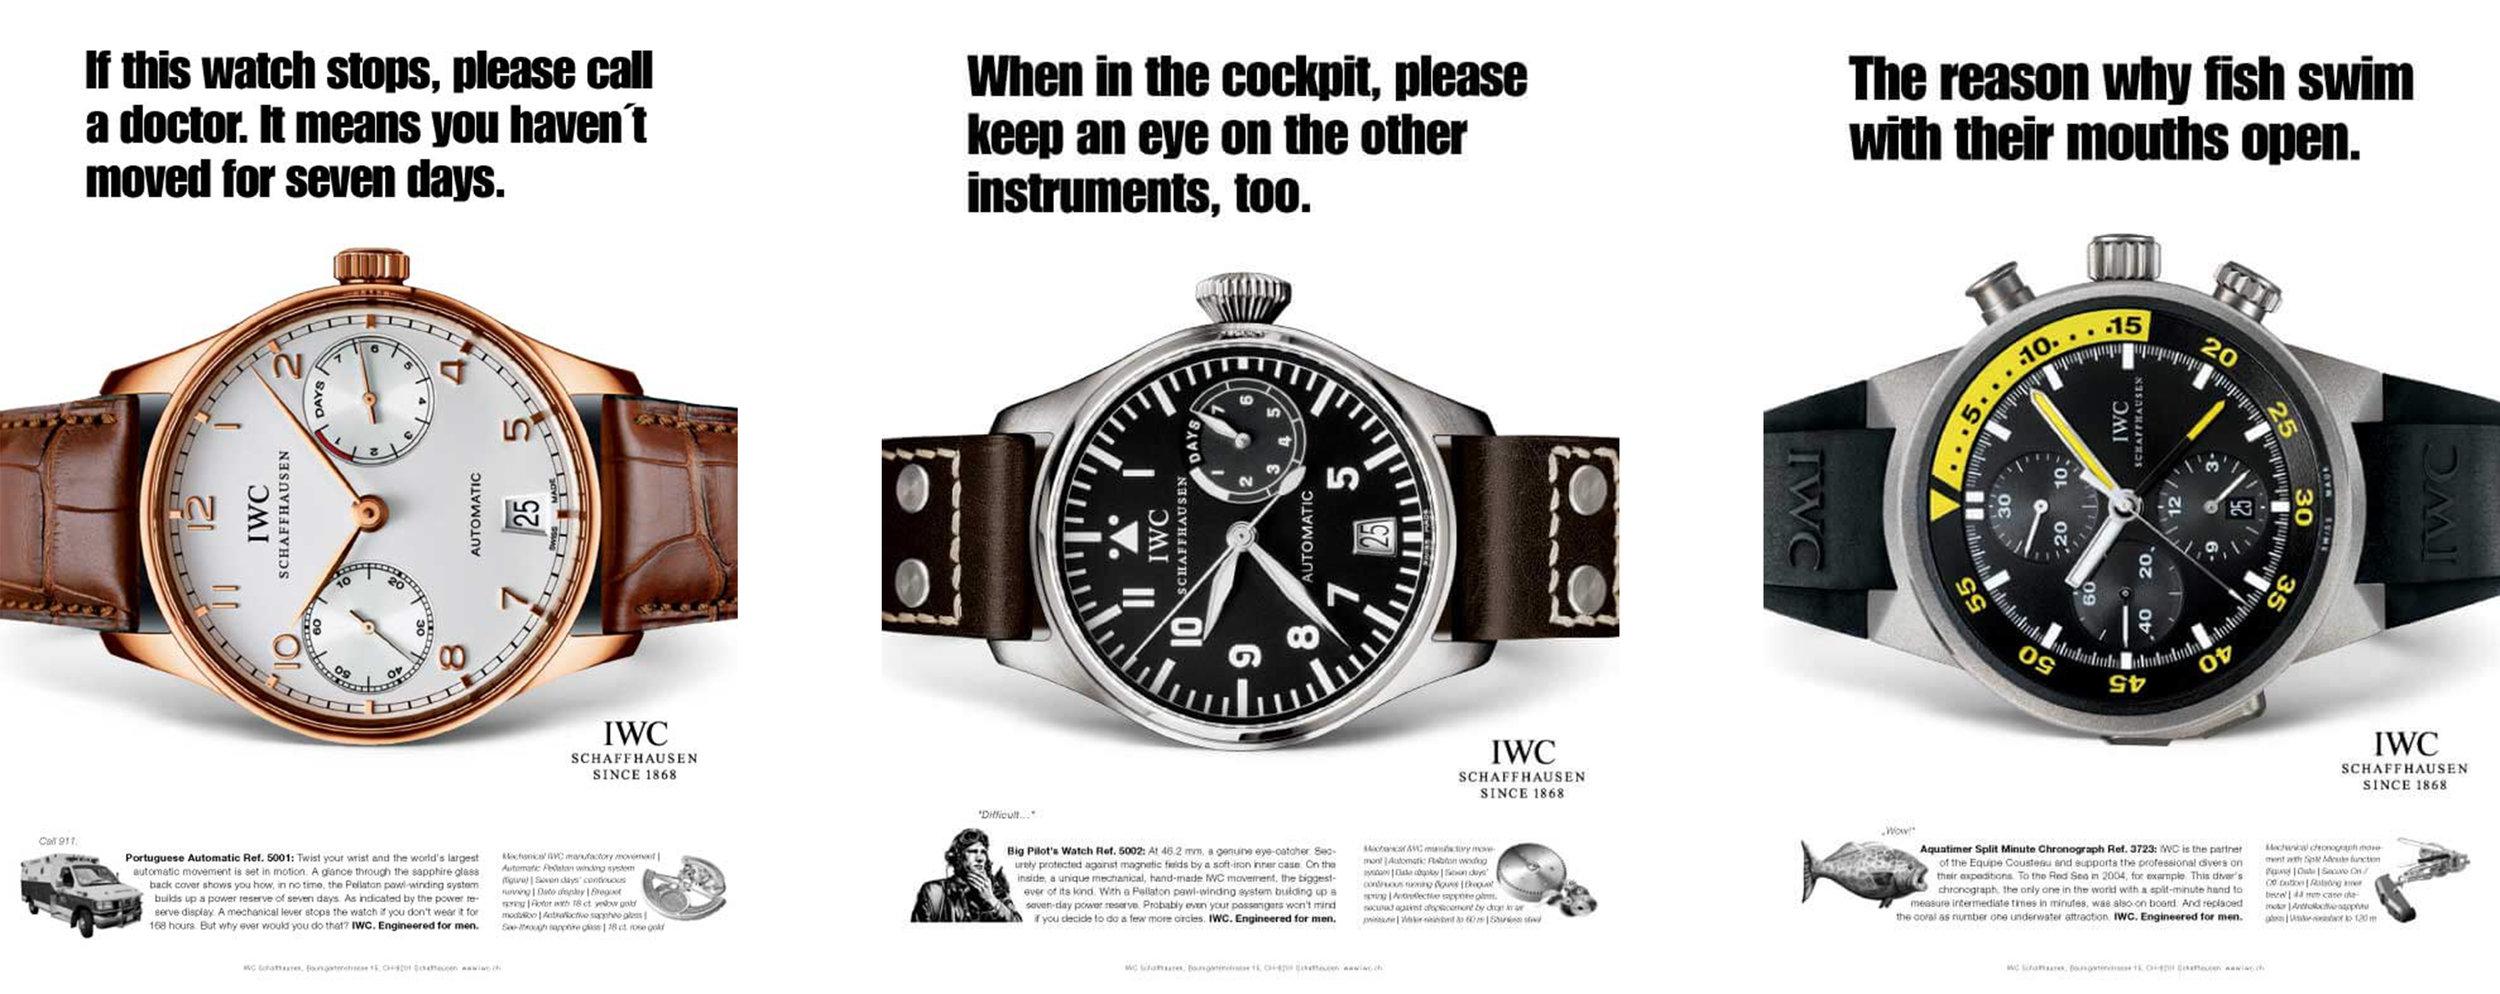 IWC ads